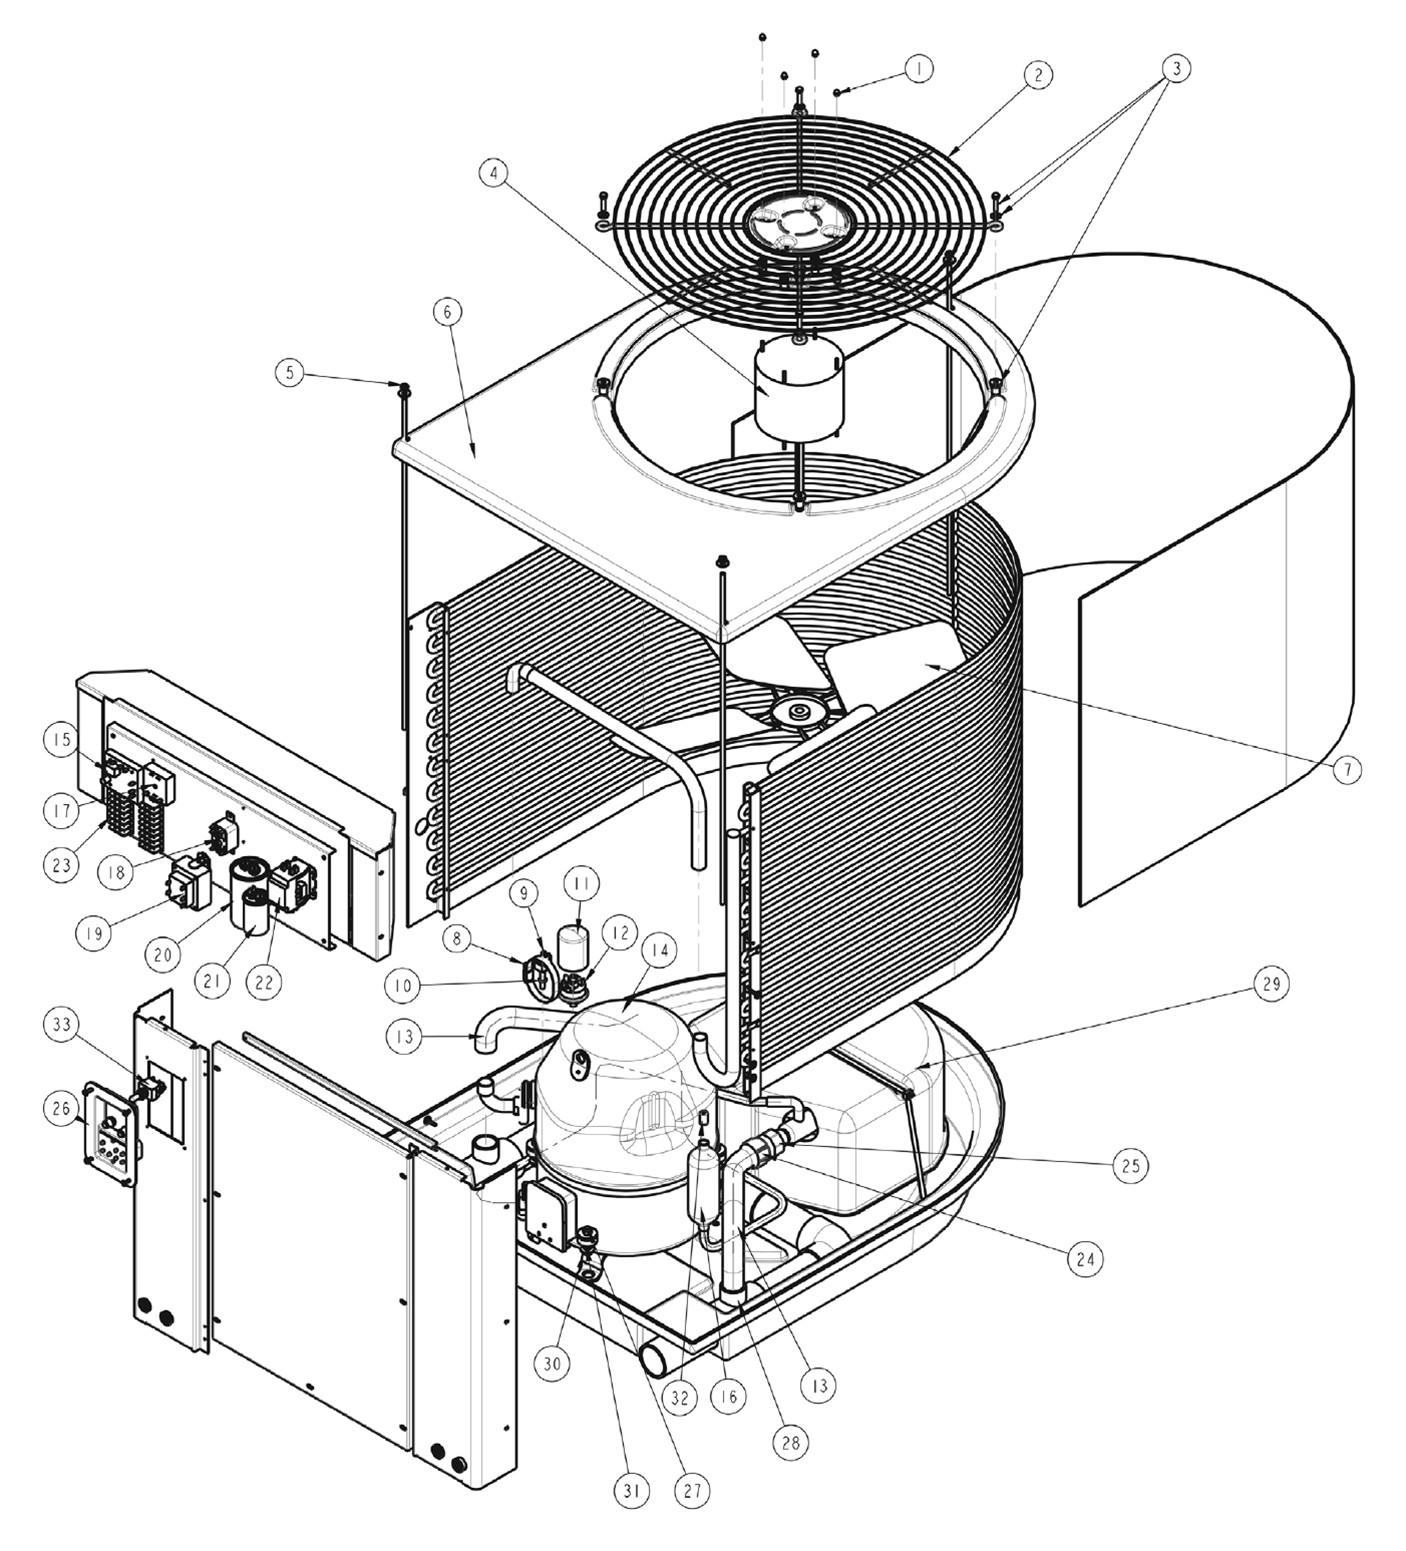 Hayward Pump Parts Diagram Pentair Minimax Plus Hp Heat Pump Parts Of Hayward Pump Parts Diagram